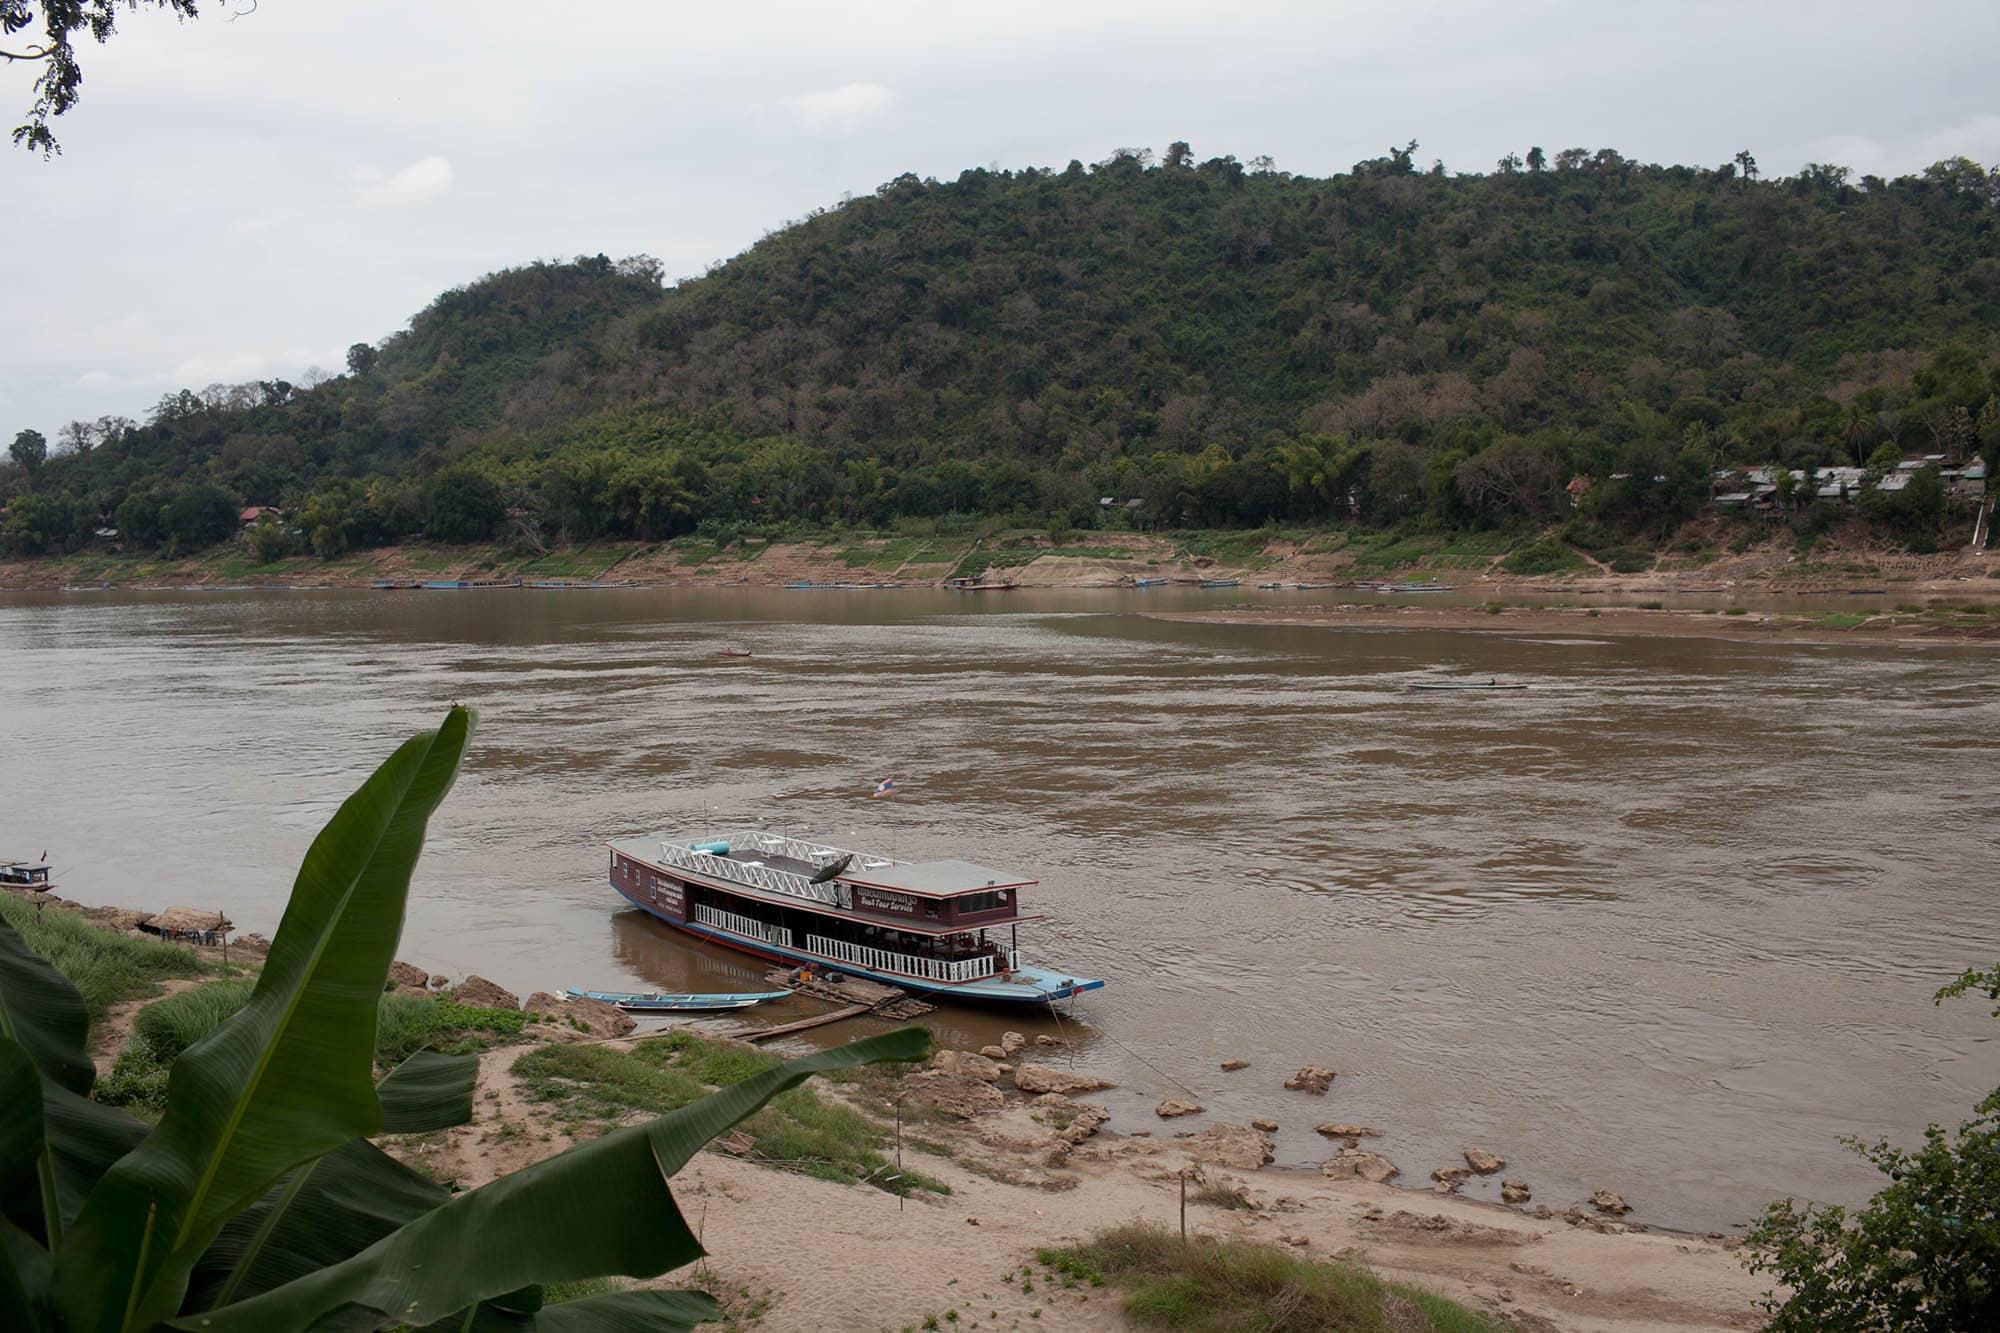 River in Luang Prabang, Laos.